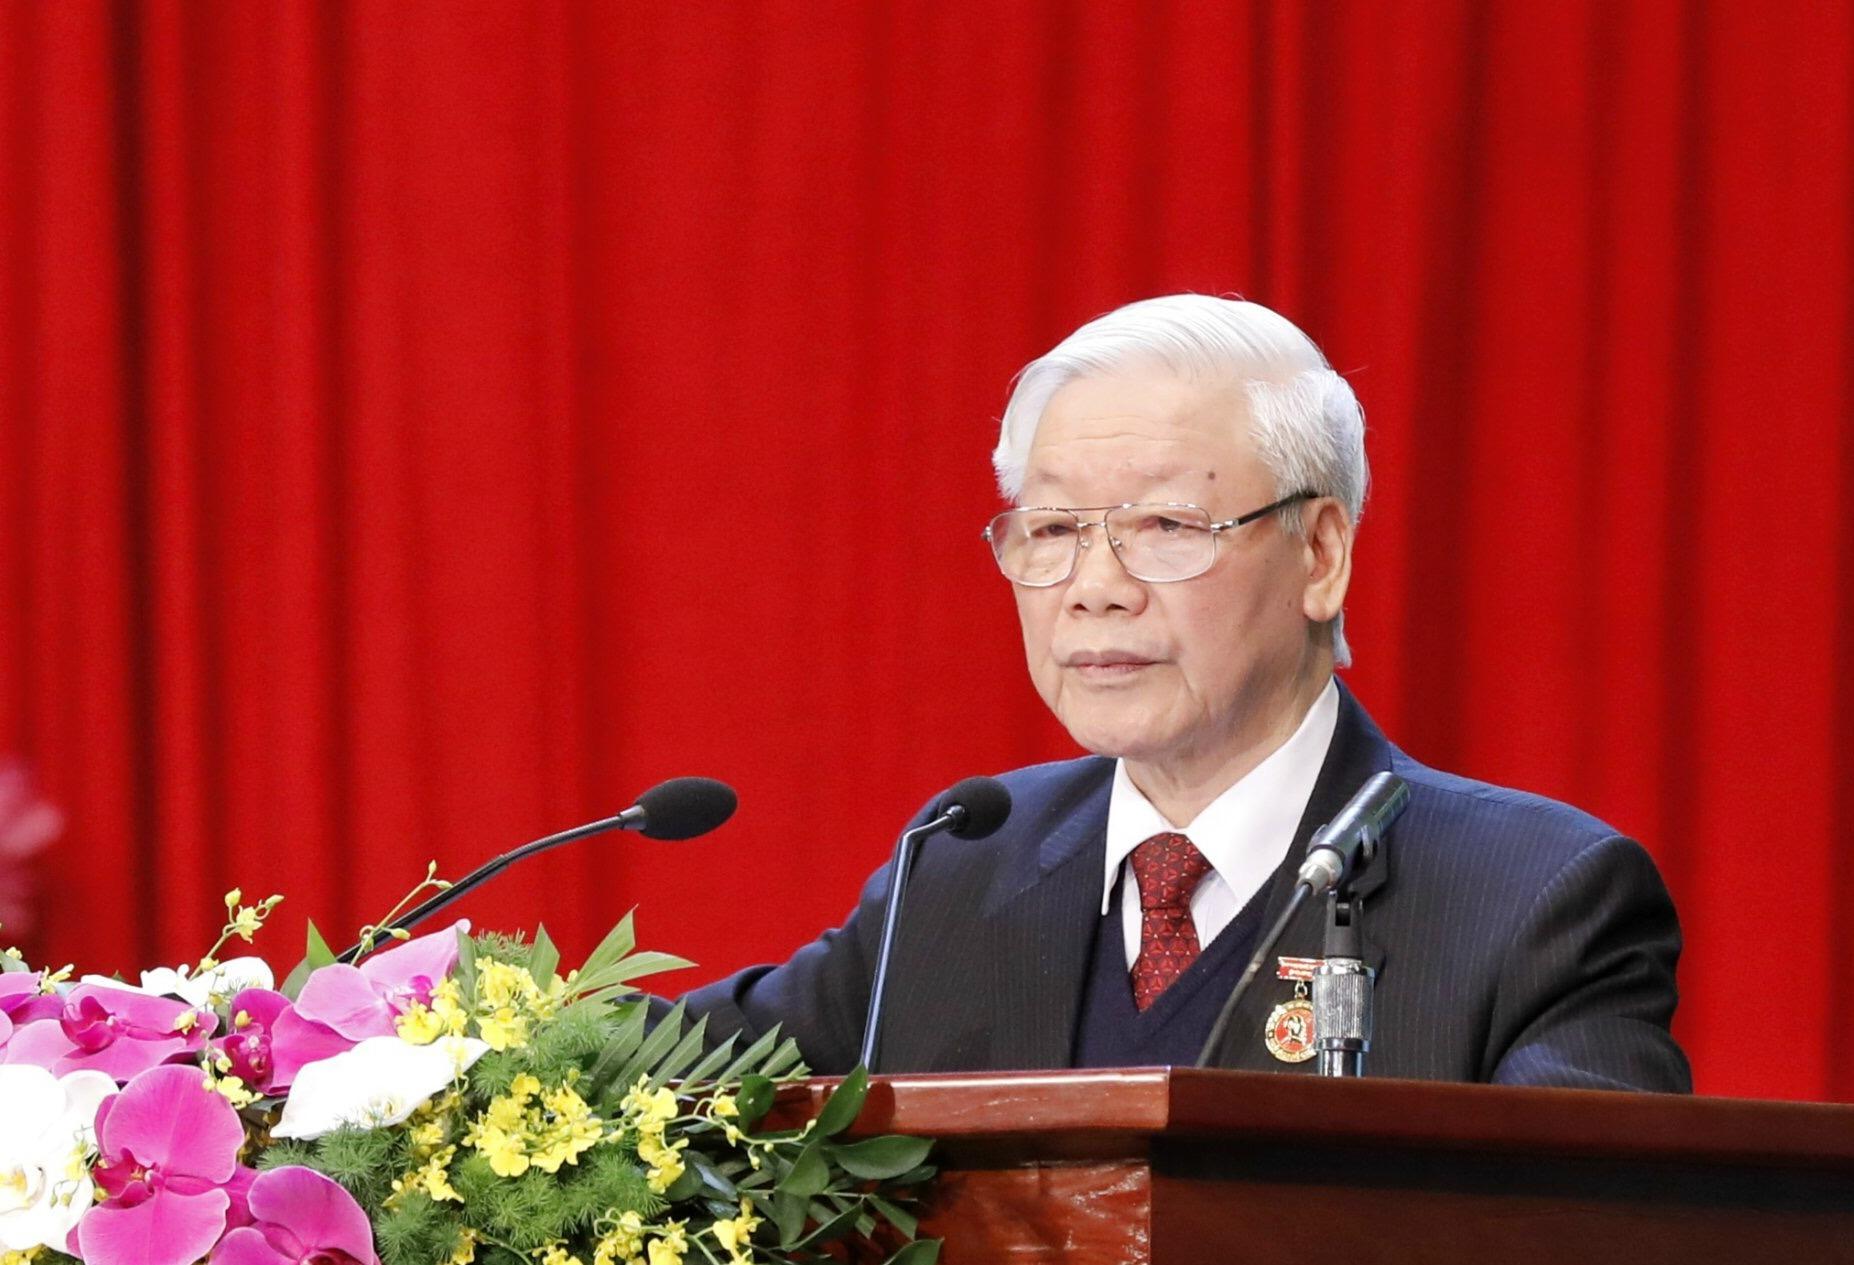 Tổng Bí thư Nguyễn Phú Trọng: Chúng ta cần một hệ thống chính trị mà quyền lực thực sự thuộc về nhân dân - Ảnh 1.